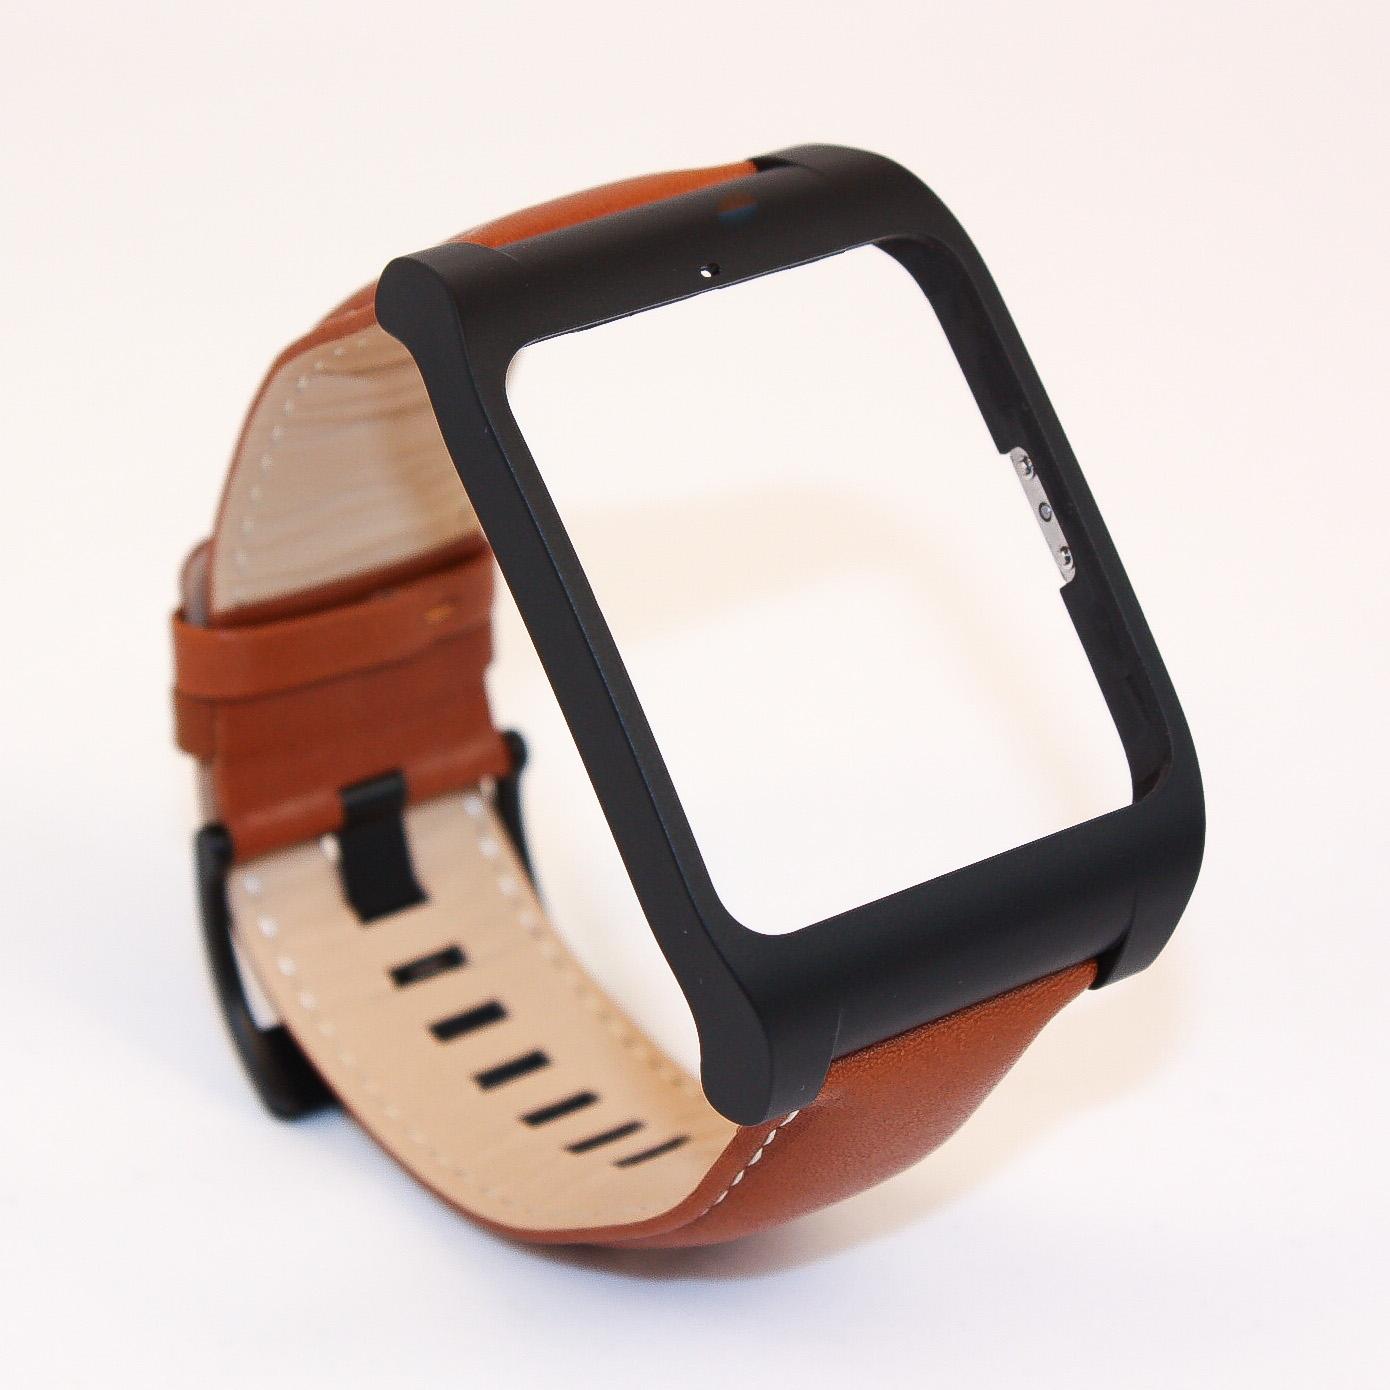 sony smartwatch 3 wrist strap swr510 leather bracelet